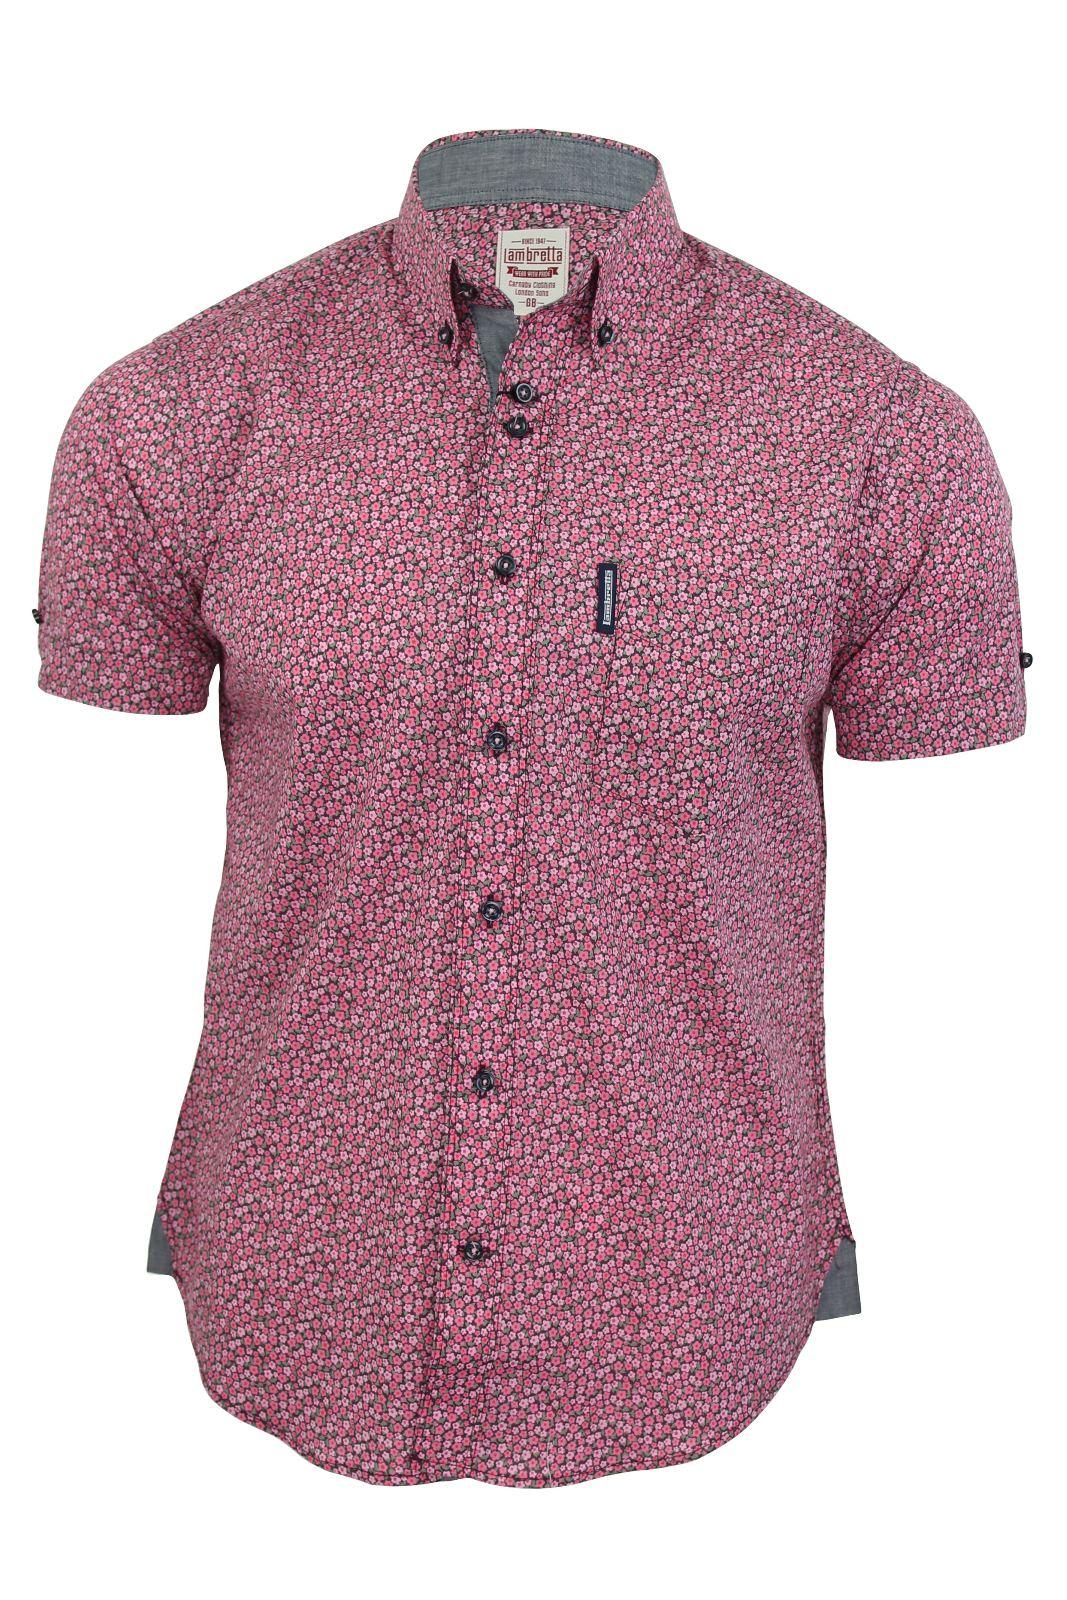 Mens lambretta shirt floral print short sleeves cotton ebay for Mens short sleeve floral shirt